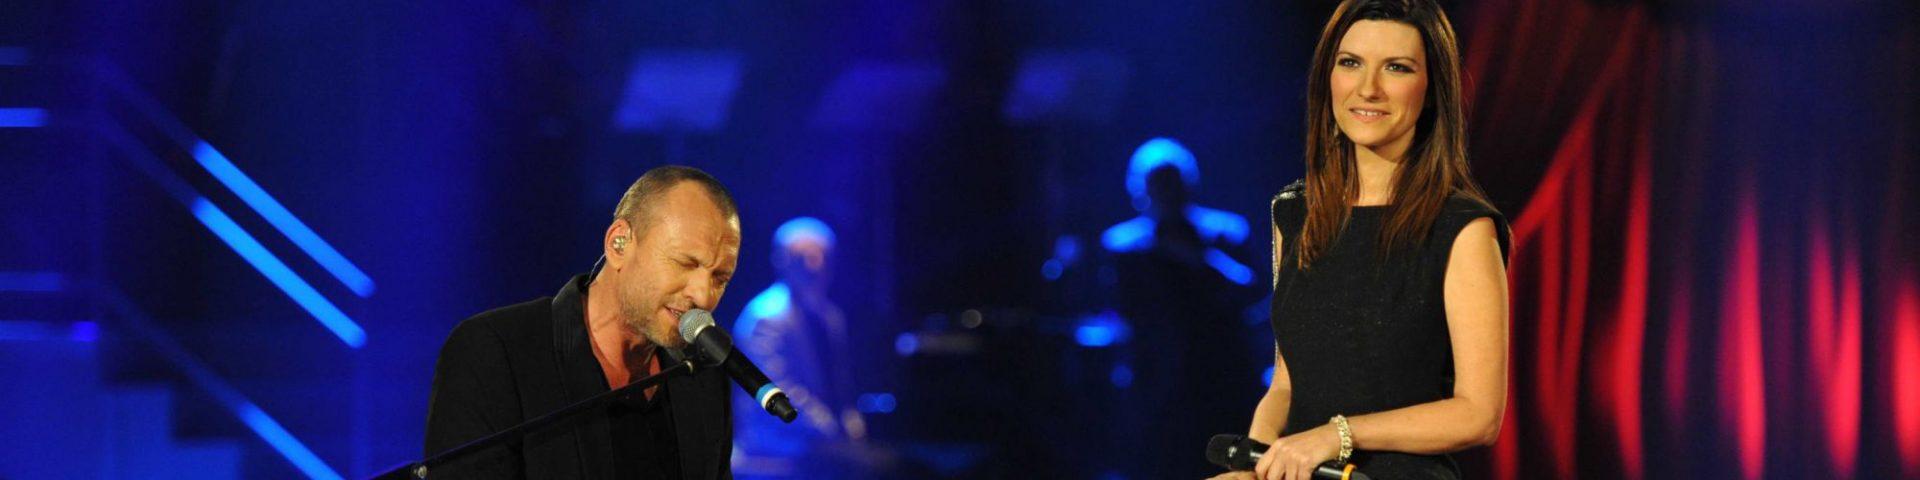 Laura Pausini e Biagio Antonacci ospiti in duetto a Sanremo 2019?